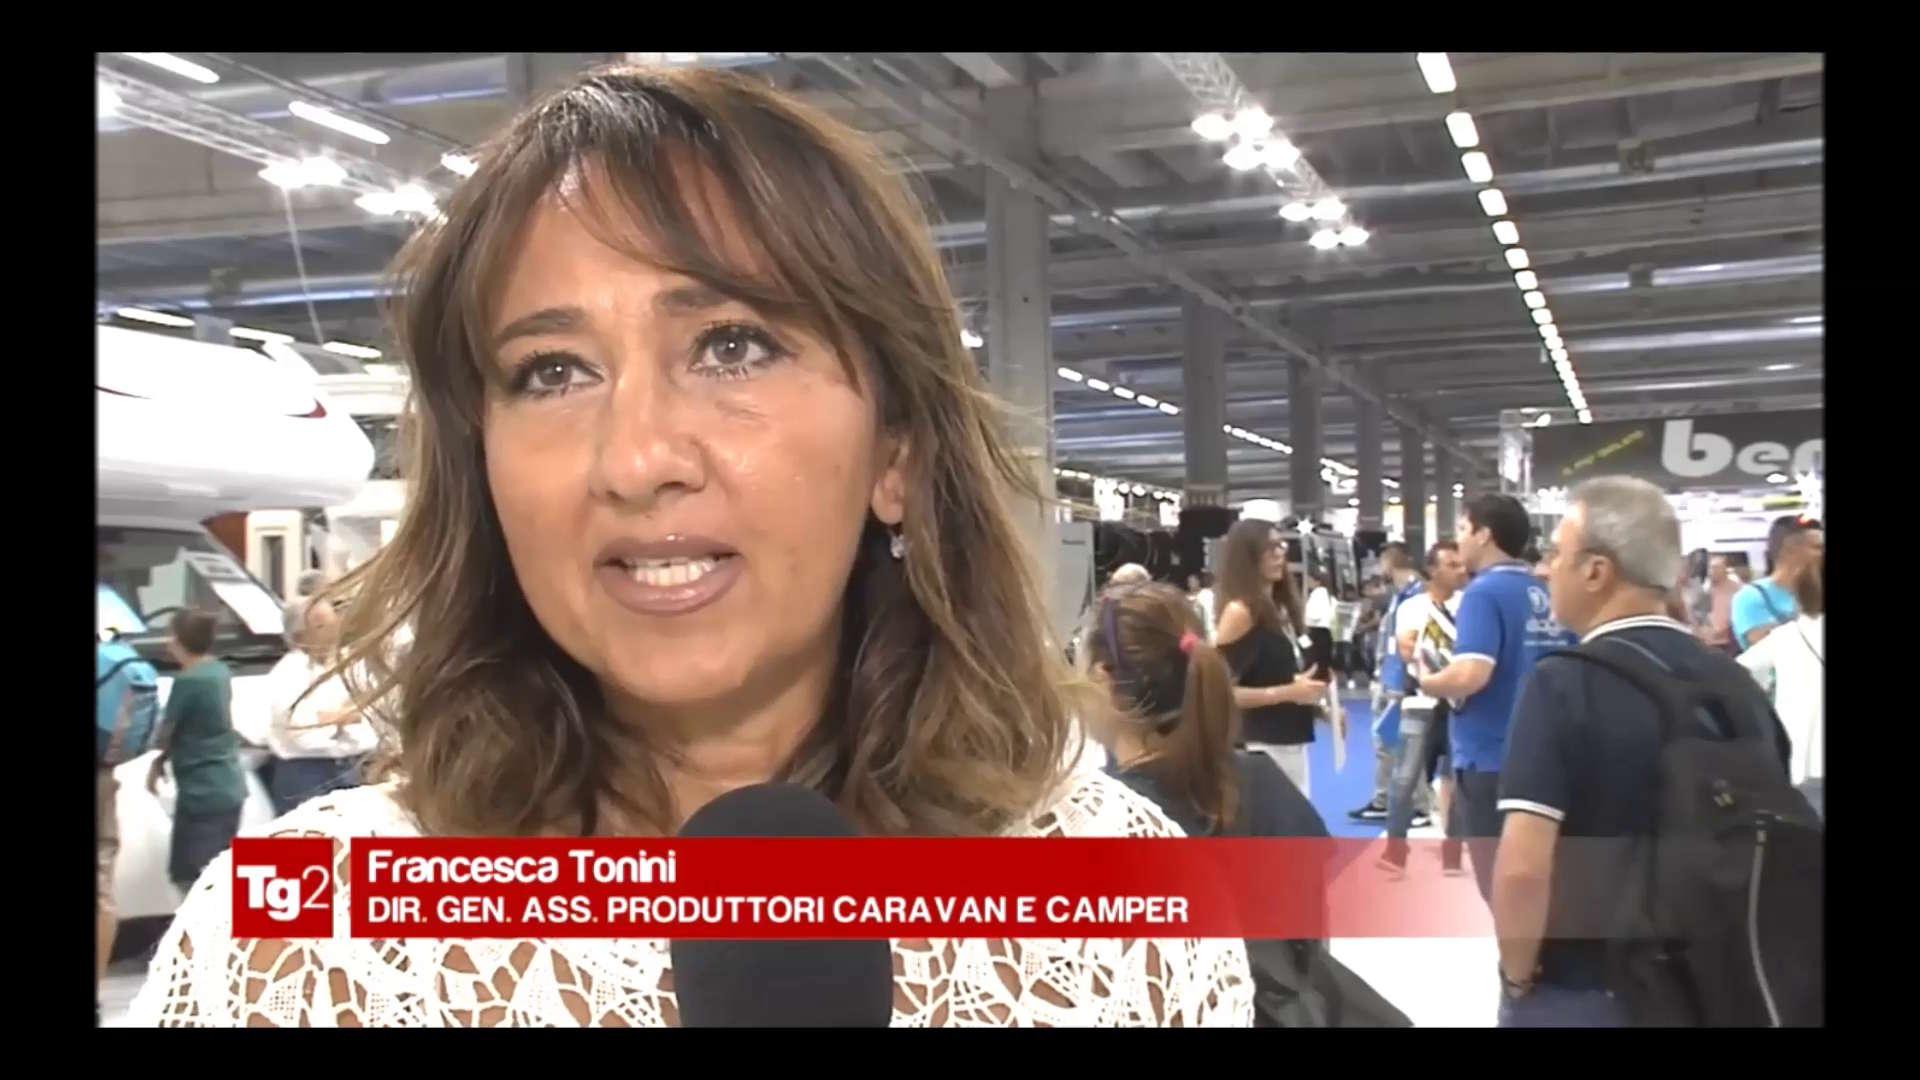 Francesca Tonini - APC